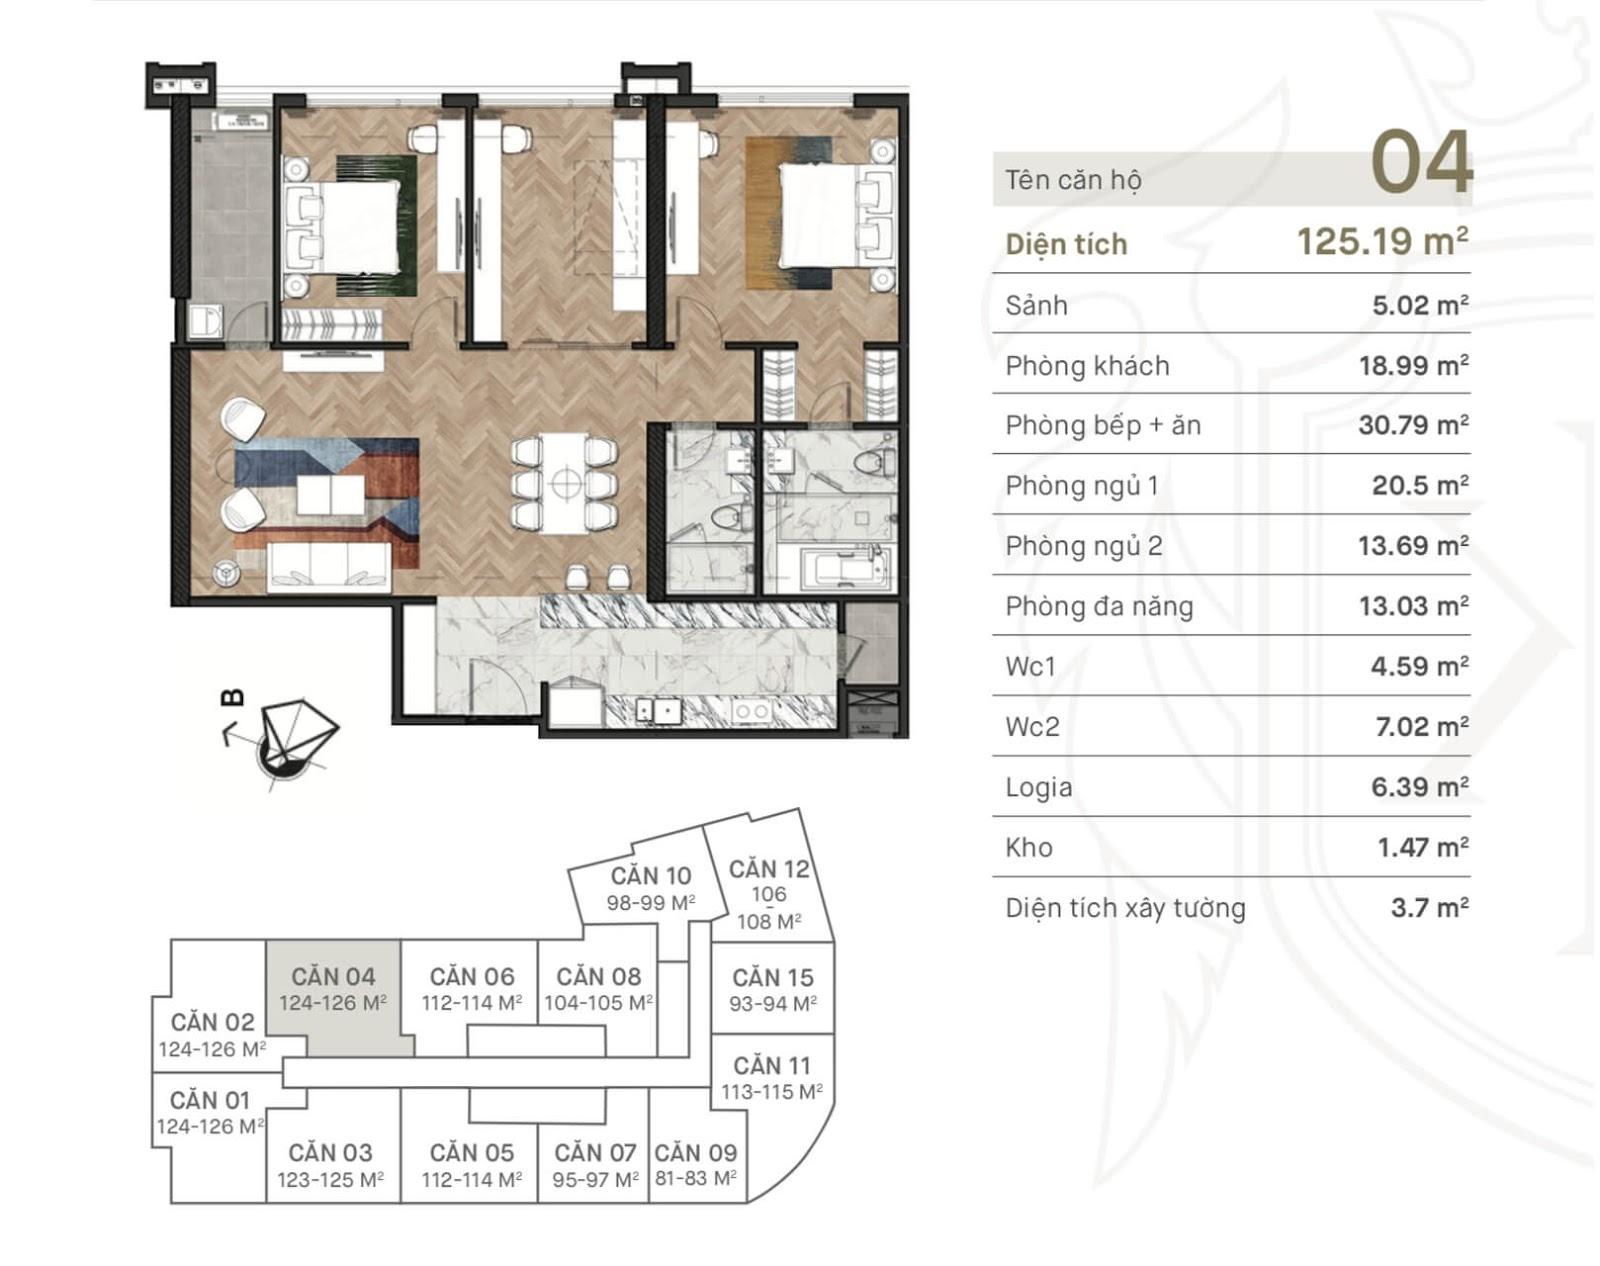 Thiết kế căn hộ 04 chung cư King Palace